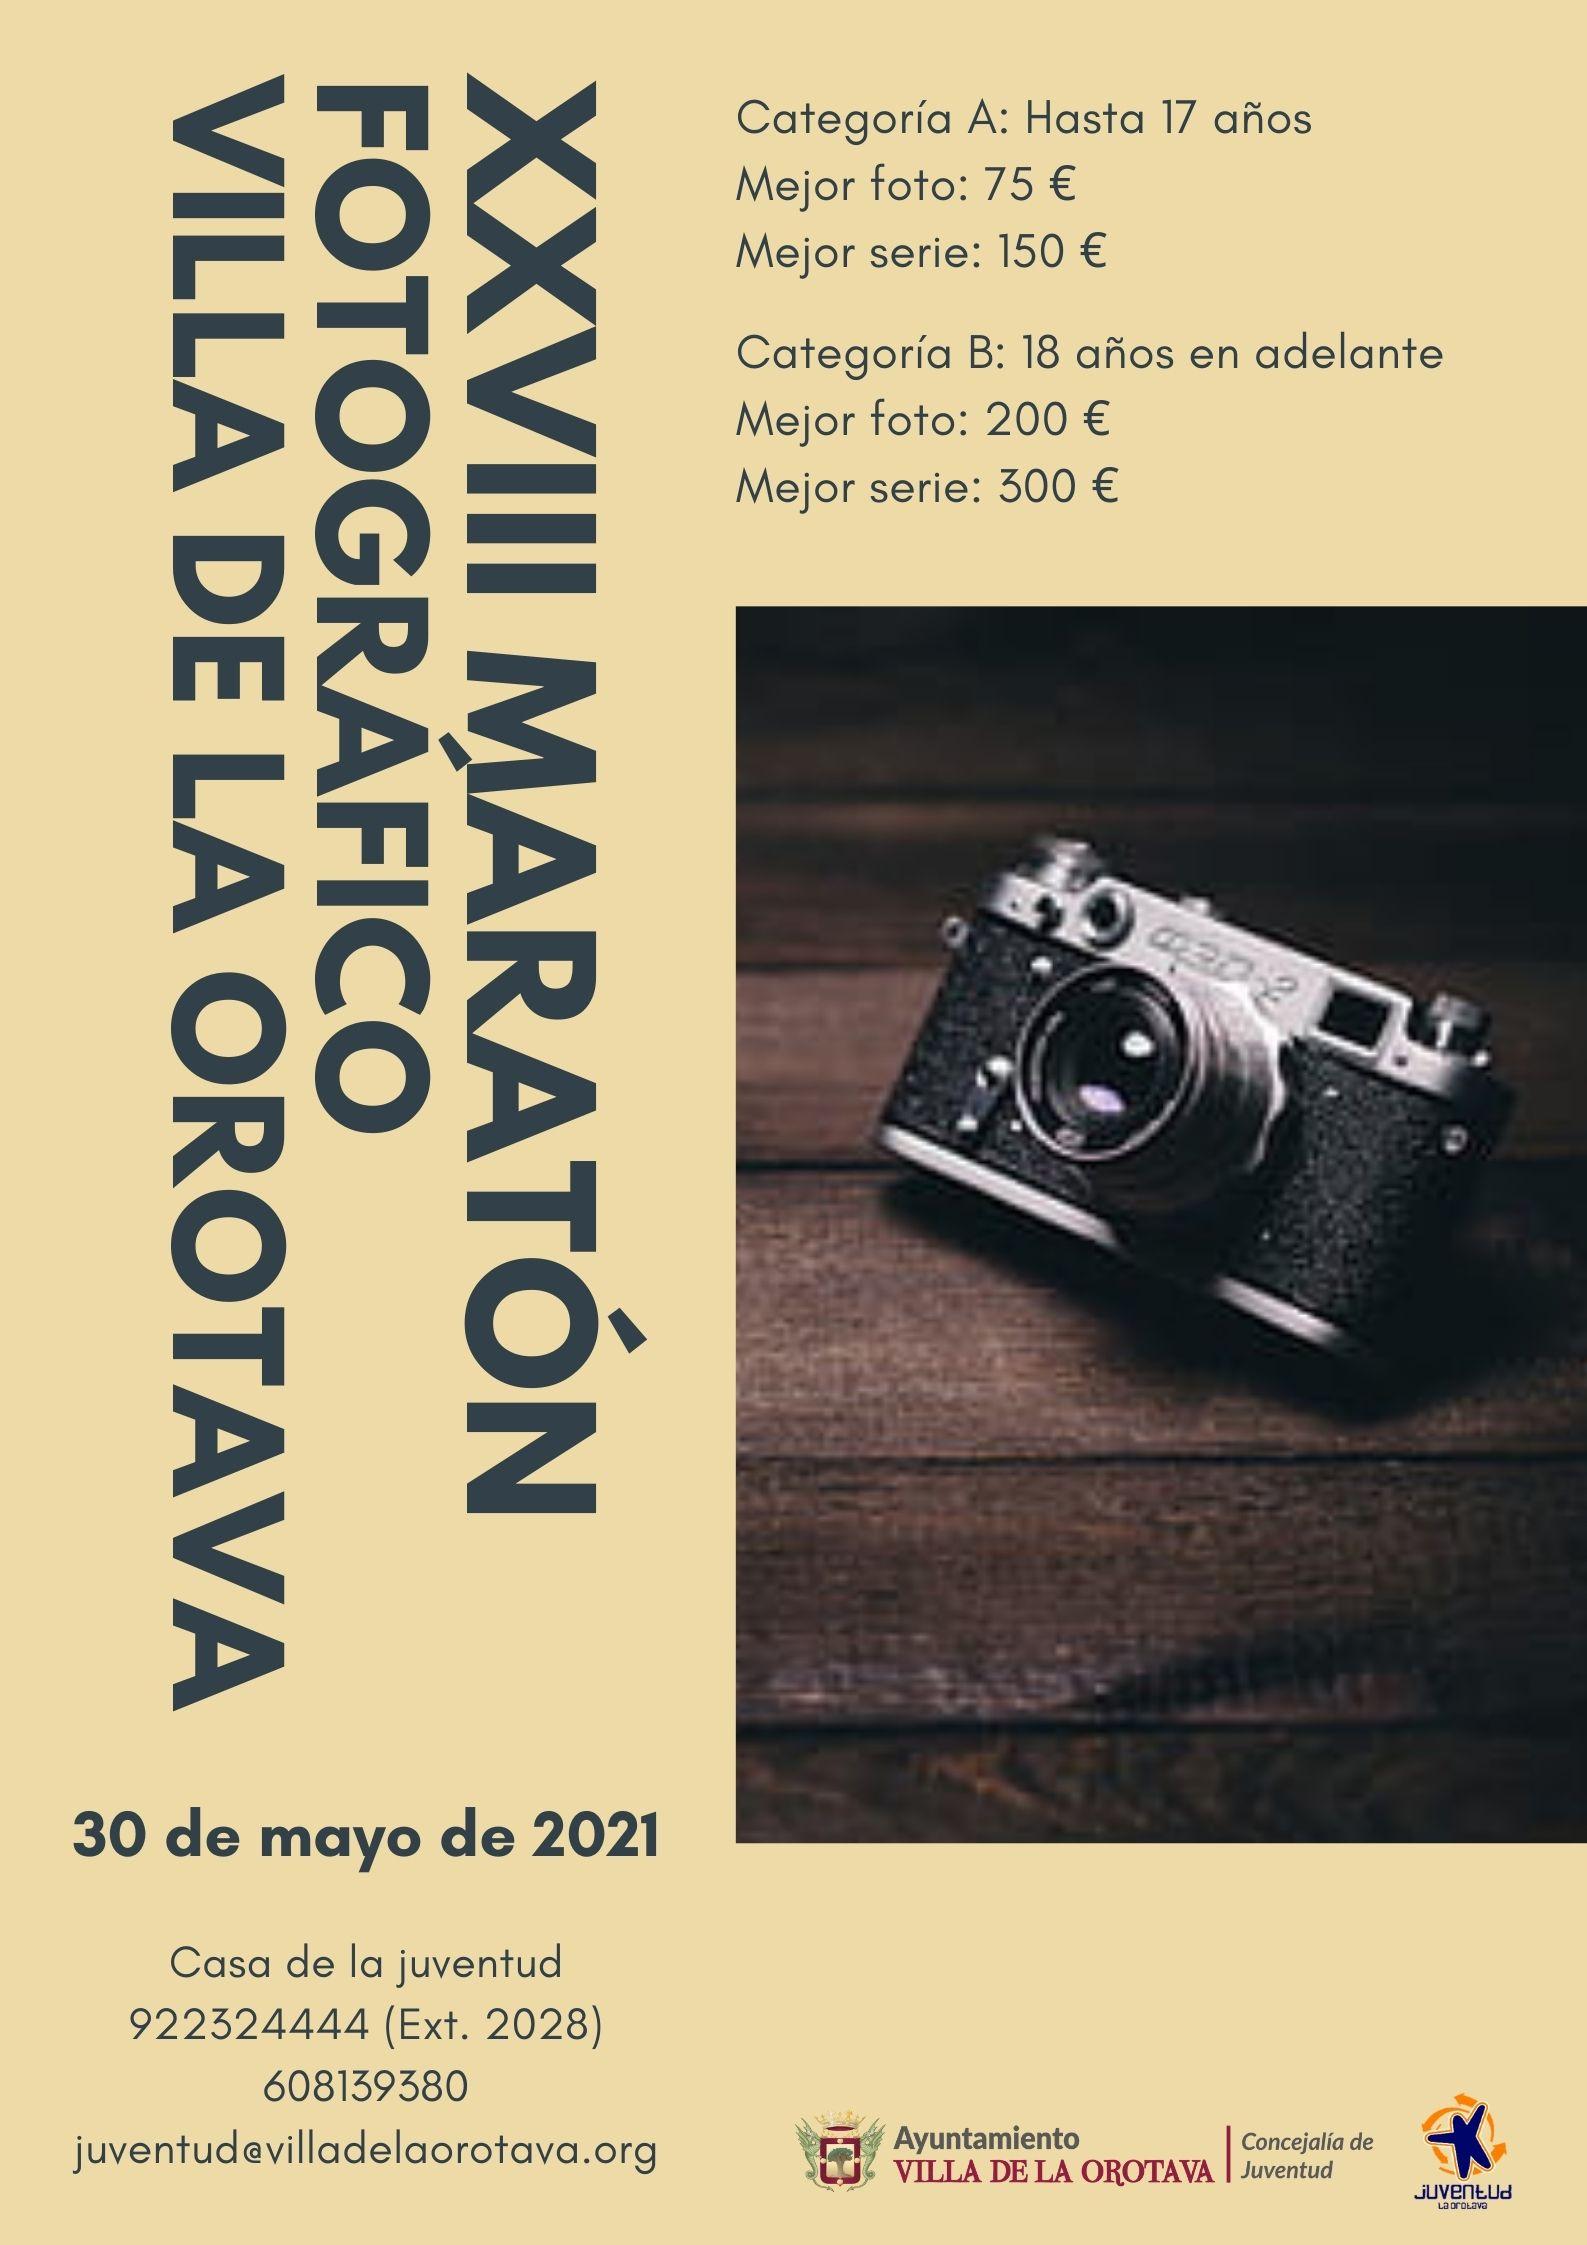 El certamen se celebrará el próximo 30 de mayo 'Día de Canarias' El plazo de inscripción finaliza el 29 de mayo y se tendrá que tramitar a través del siguiente enlace: https://forms.gle/kxqa46SvjH8unMNV6